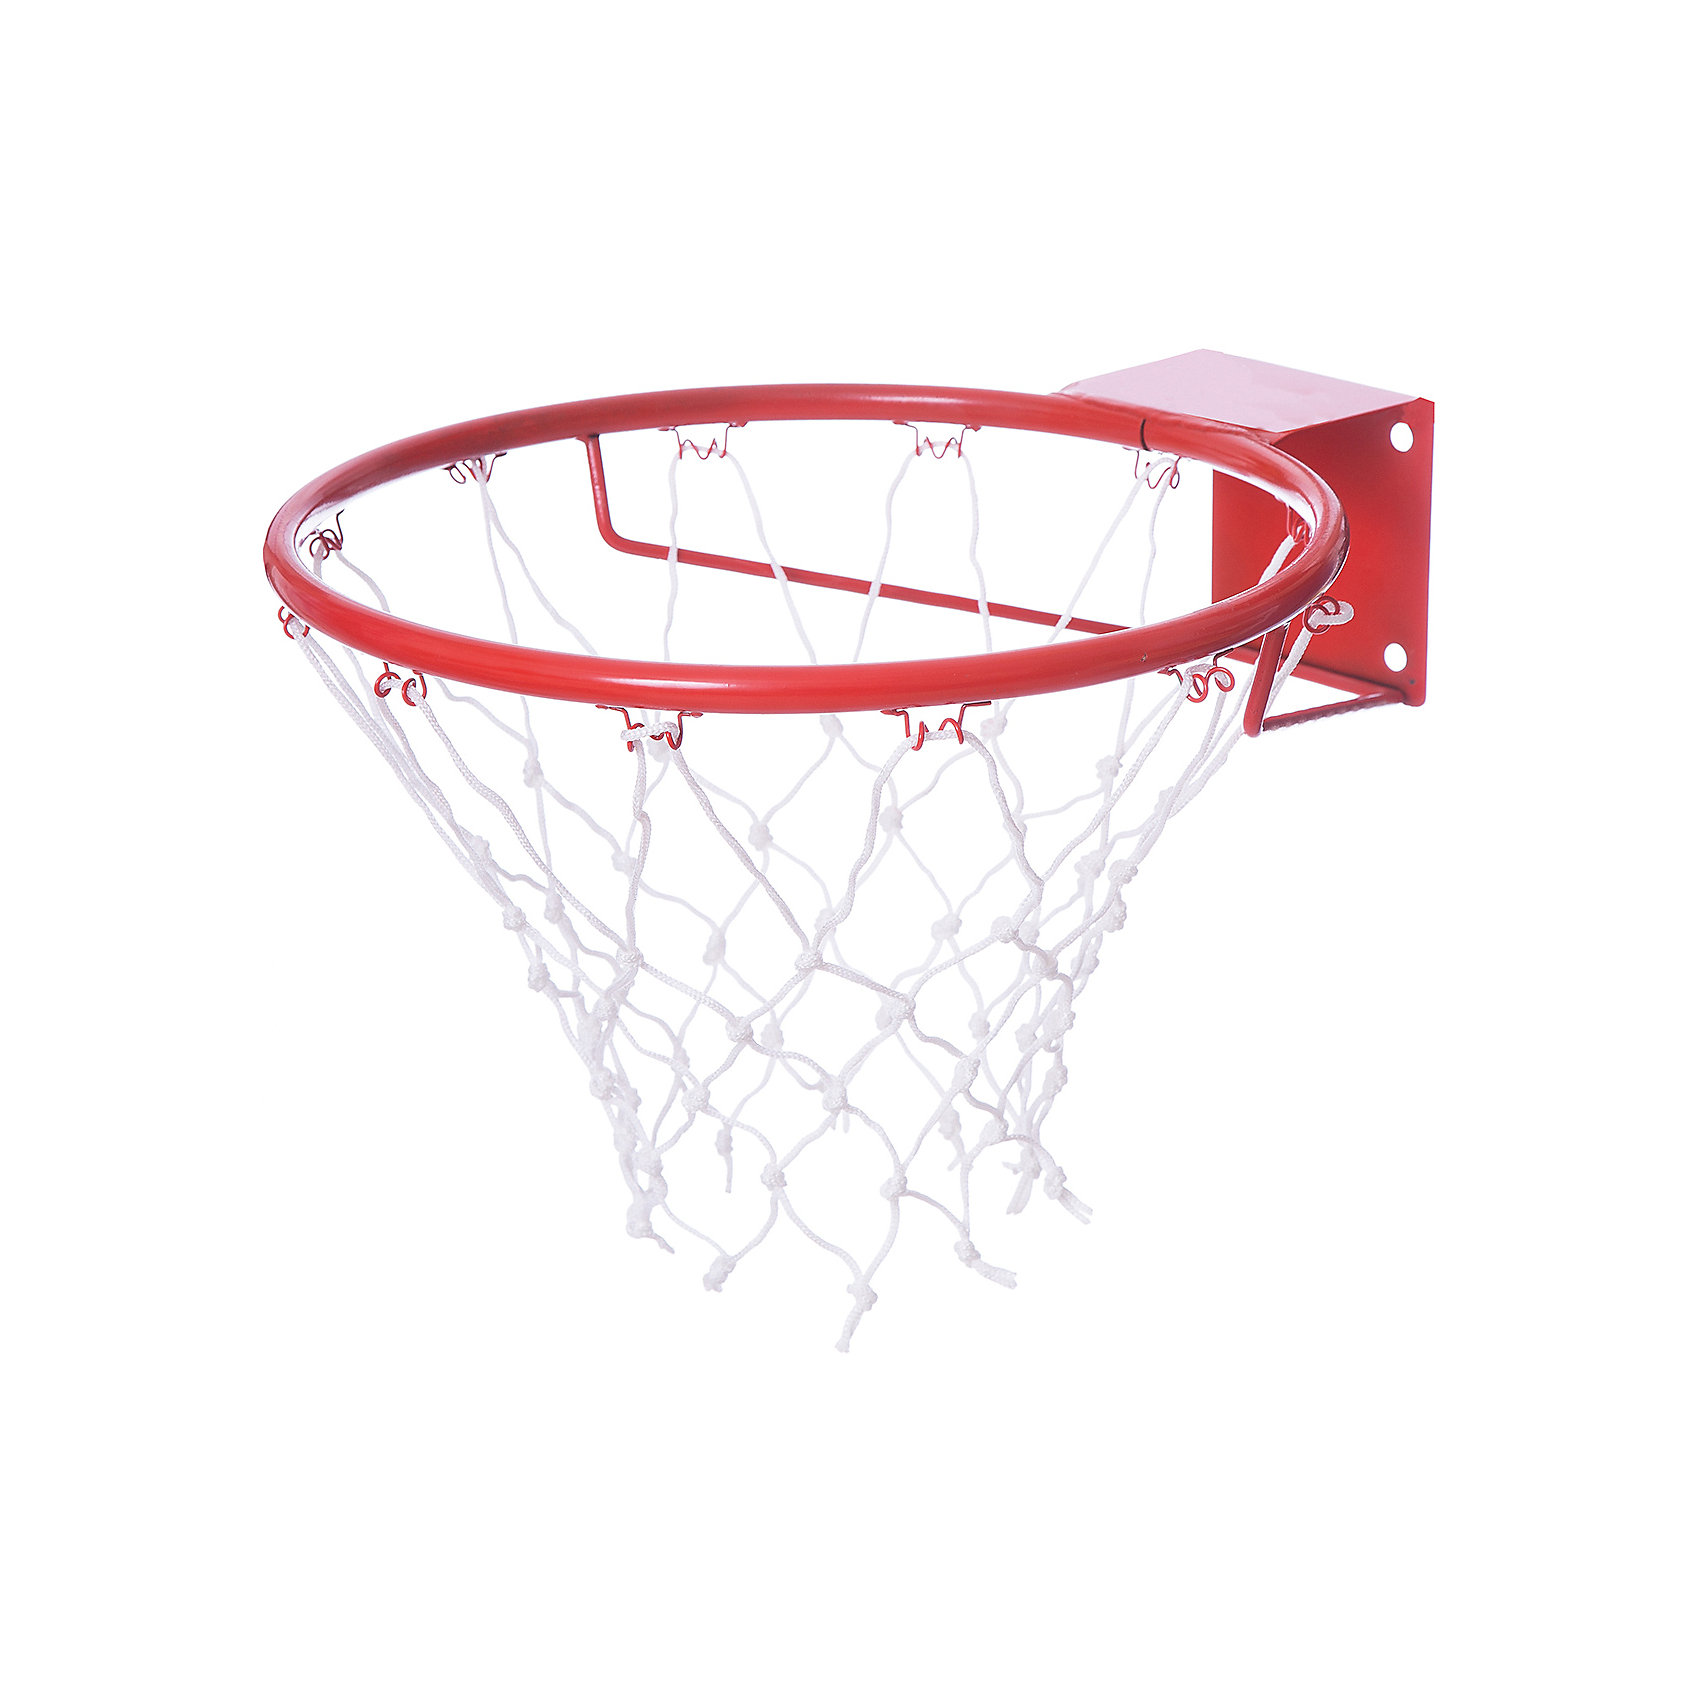 Кольцо баскетбольное №7, с сеткой